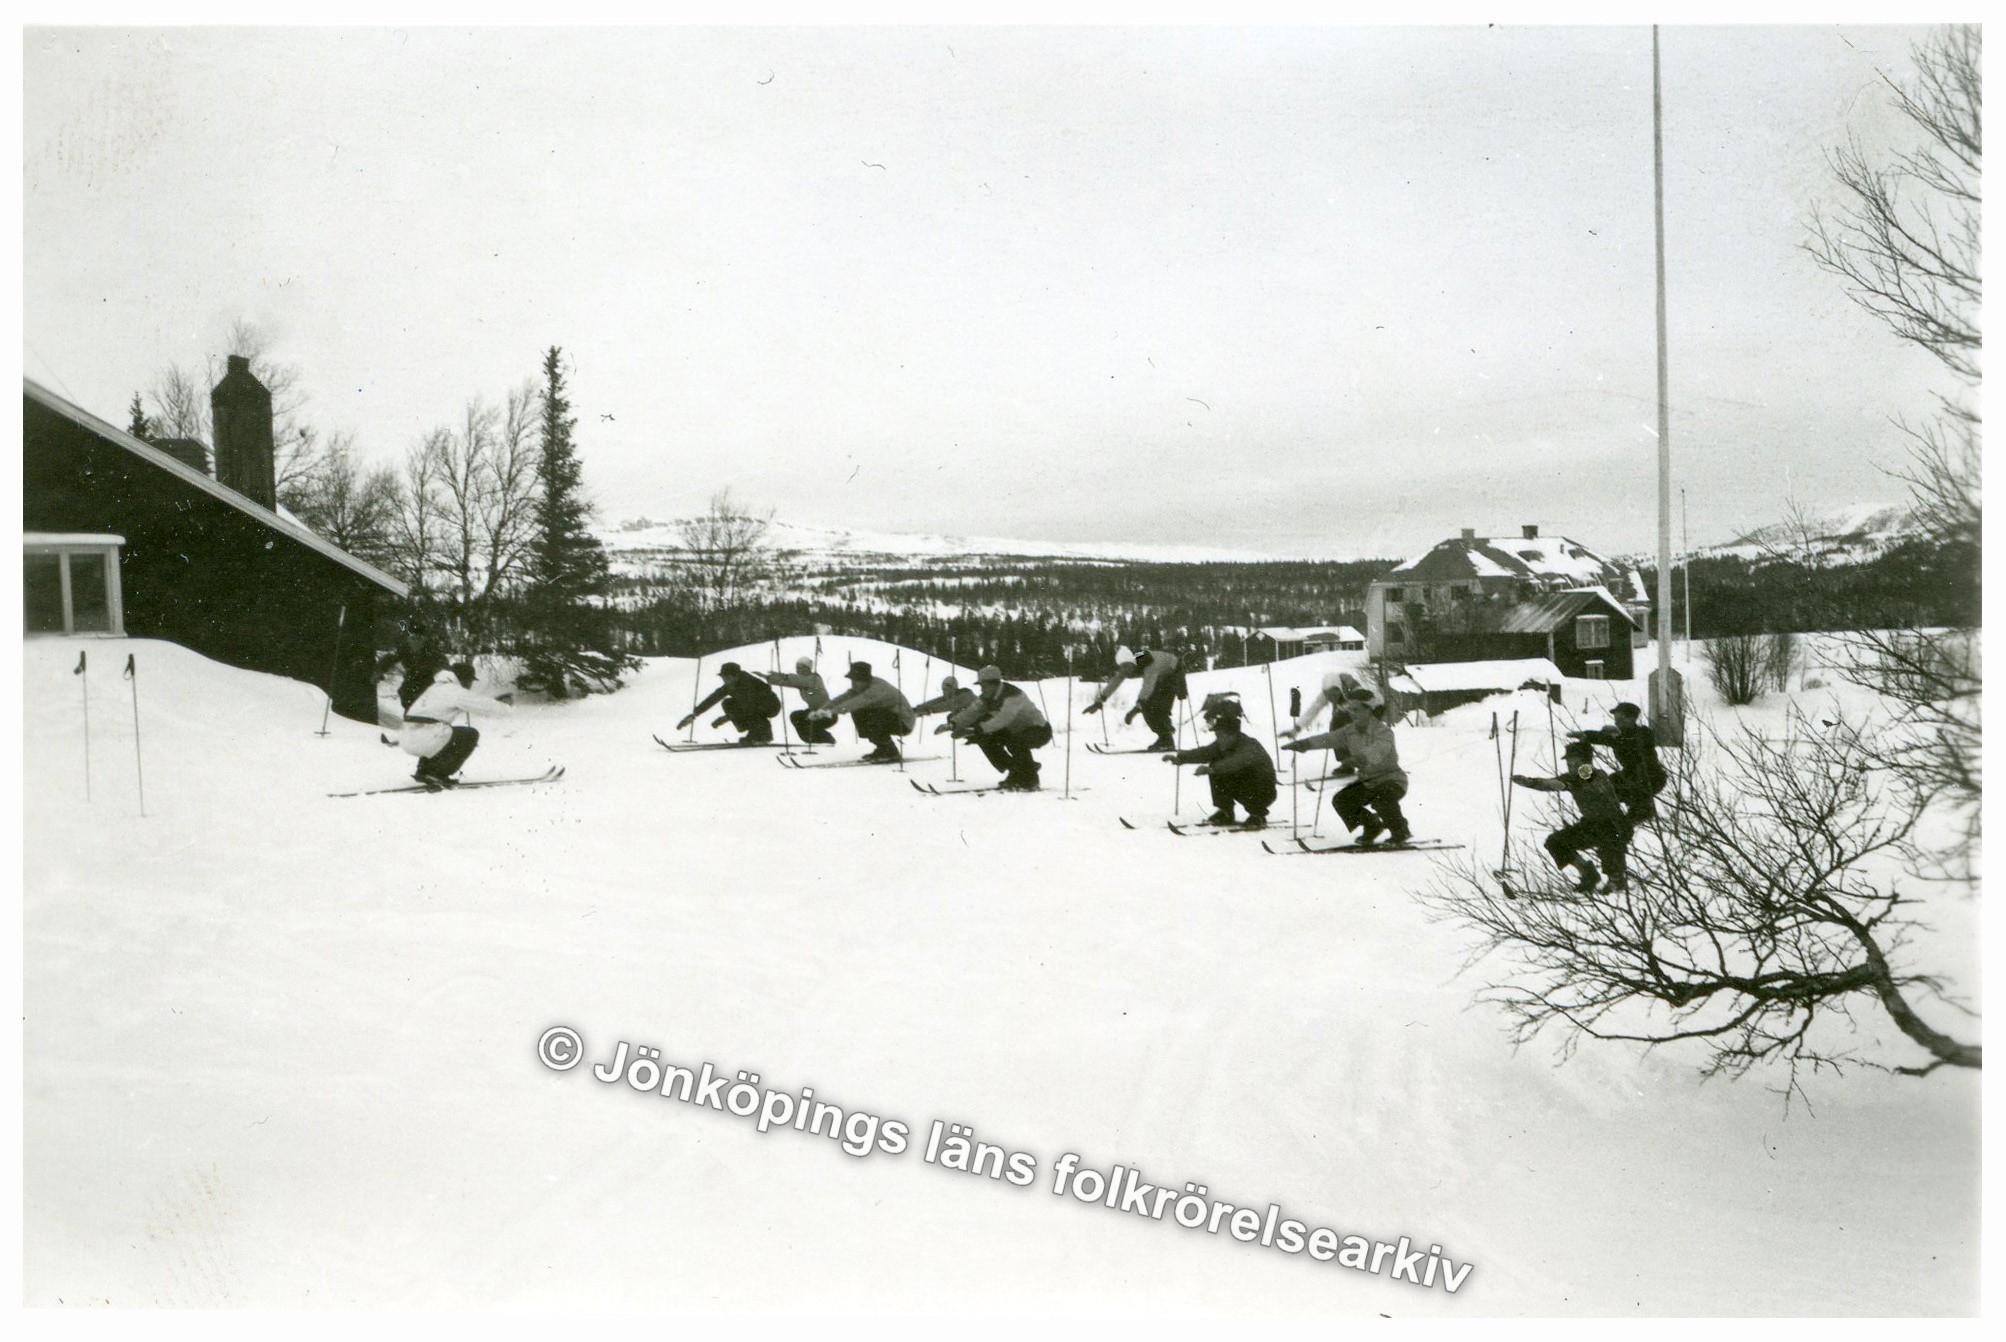 En grupp ungdomar utför någon slags gymnastisk uppvärmning med skidor.